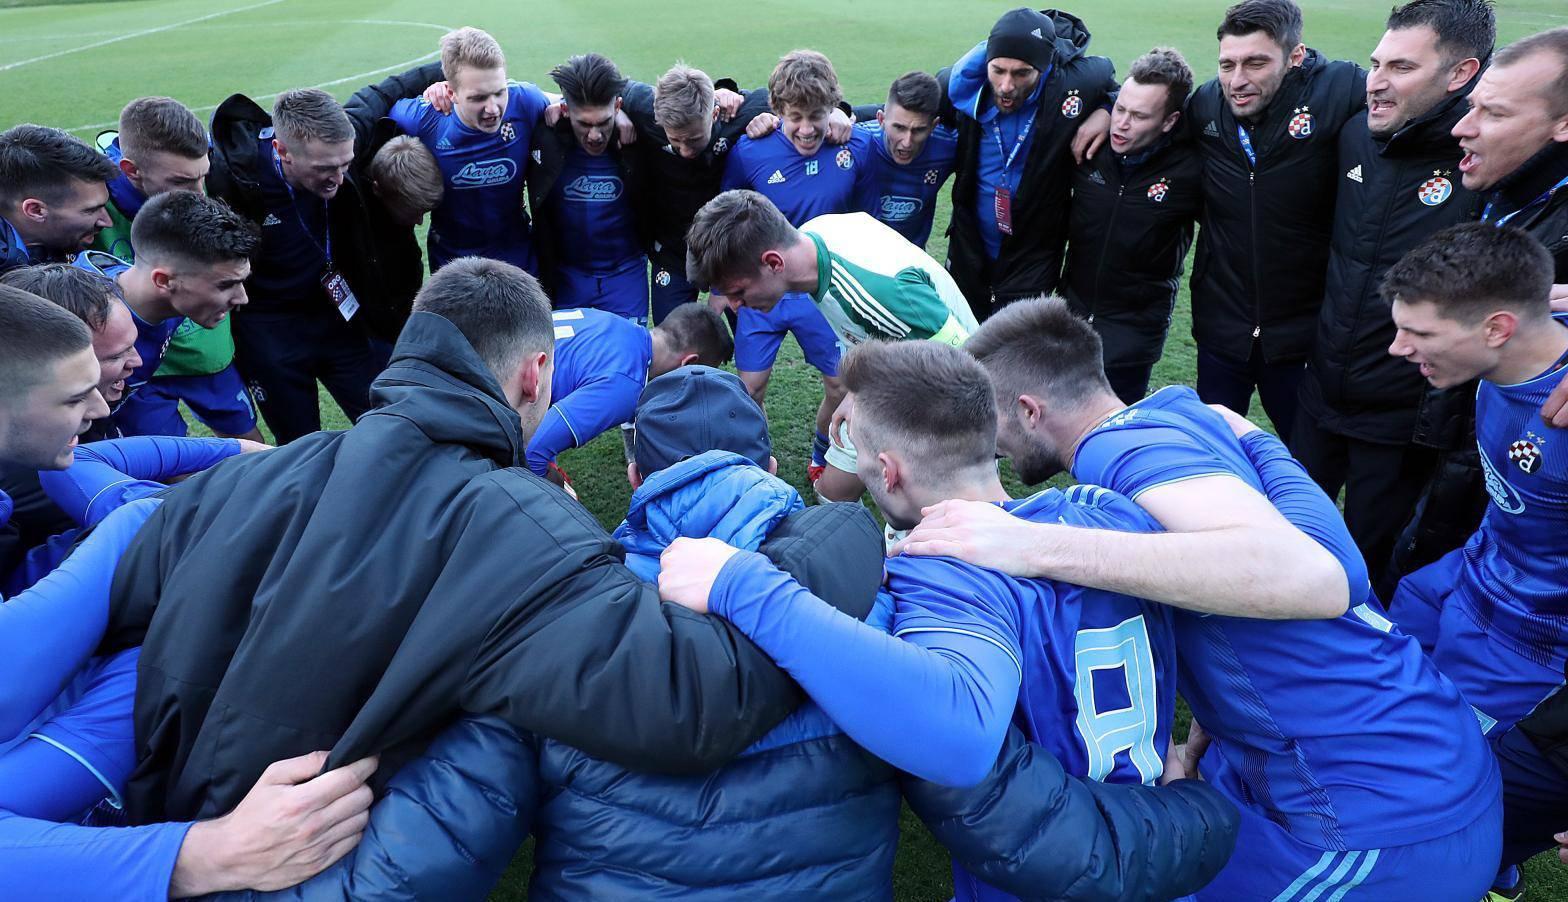 Uefa je odbila žalbu Hajduka i stala uz Dinamove juniore koji opet idu u Ligu prvaka mladih!